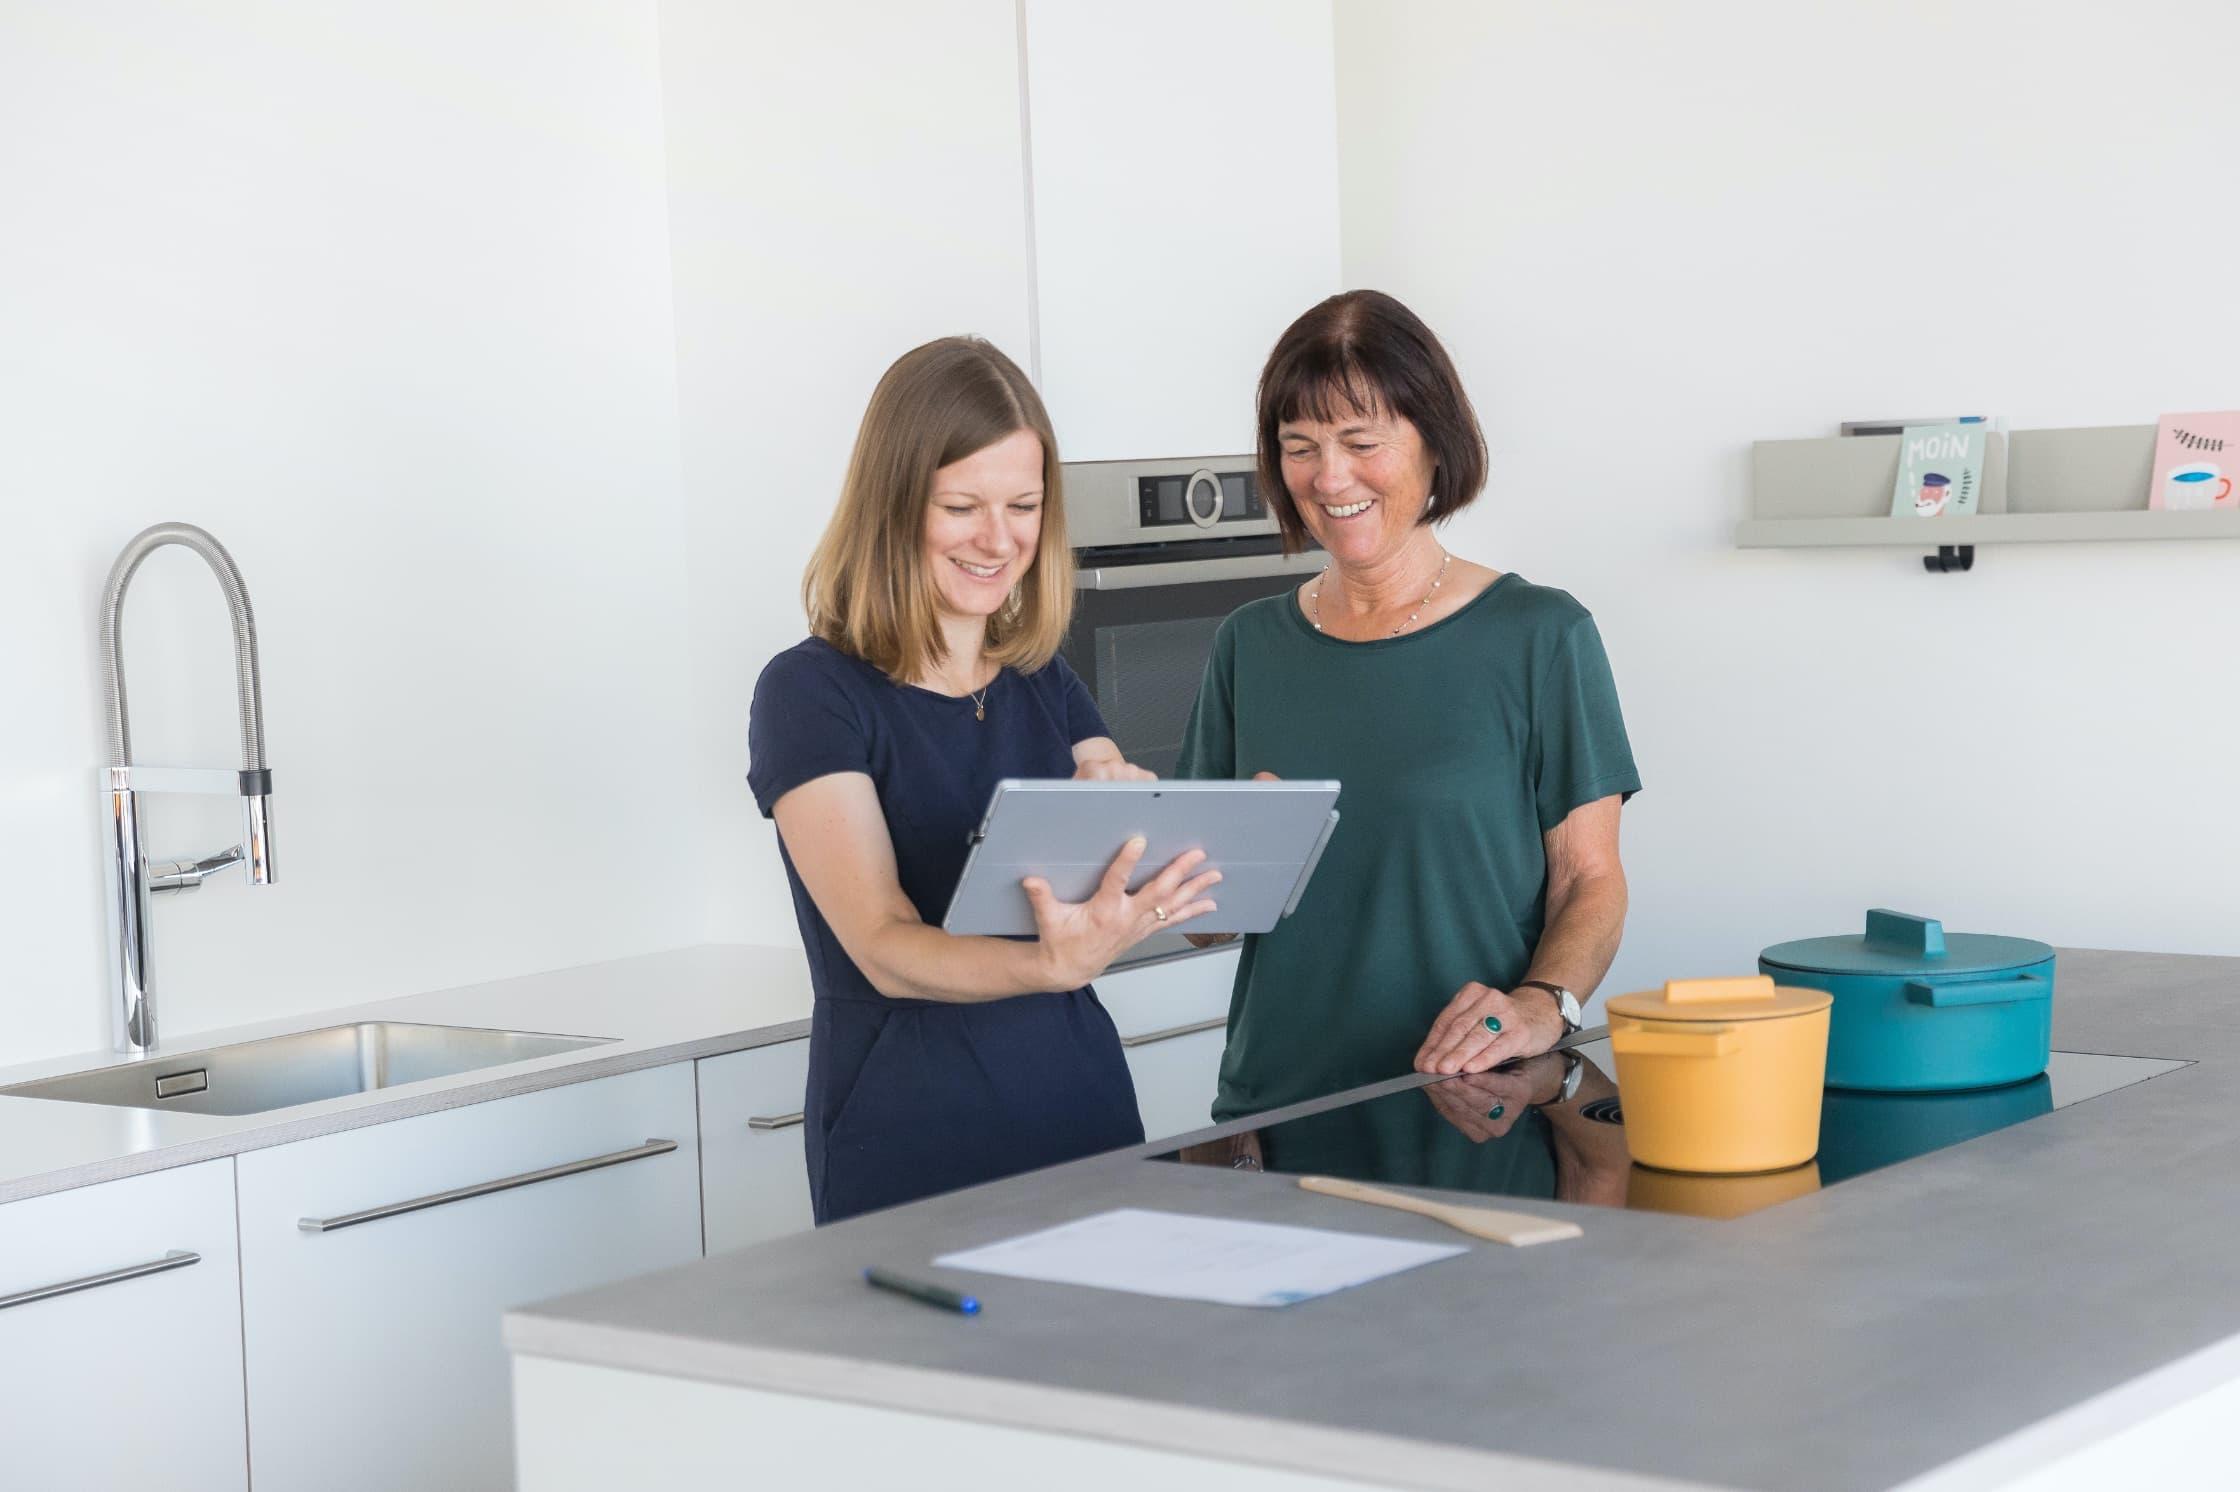 Beratung mit System im Küchenstudio für Ludwigsburg – NR Küchen